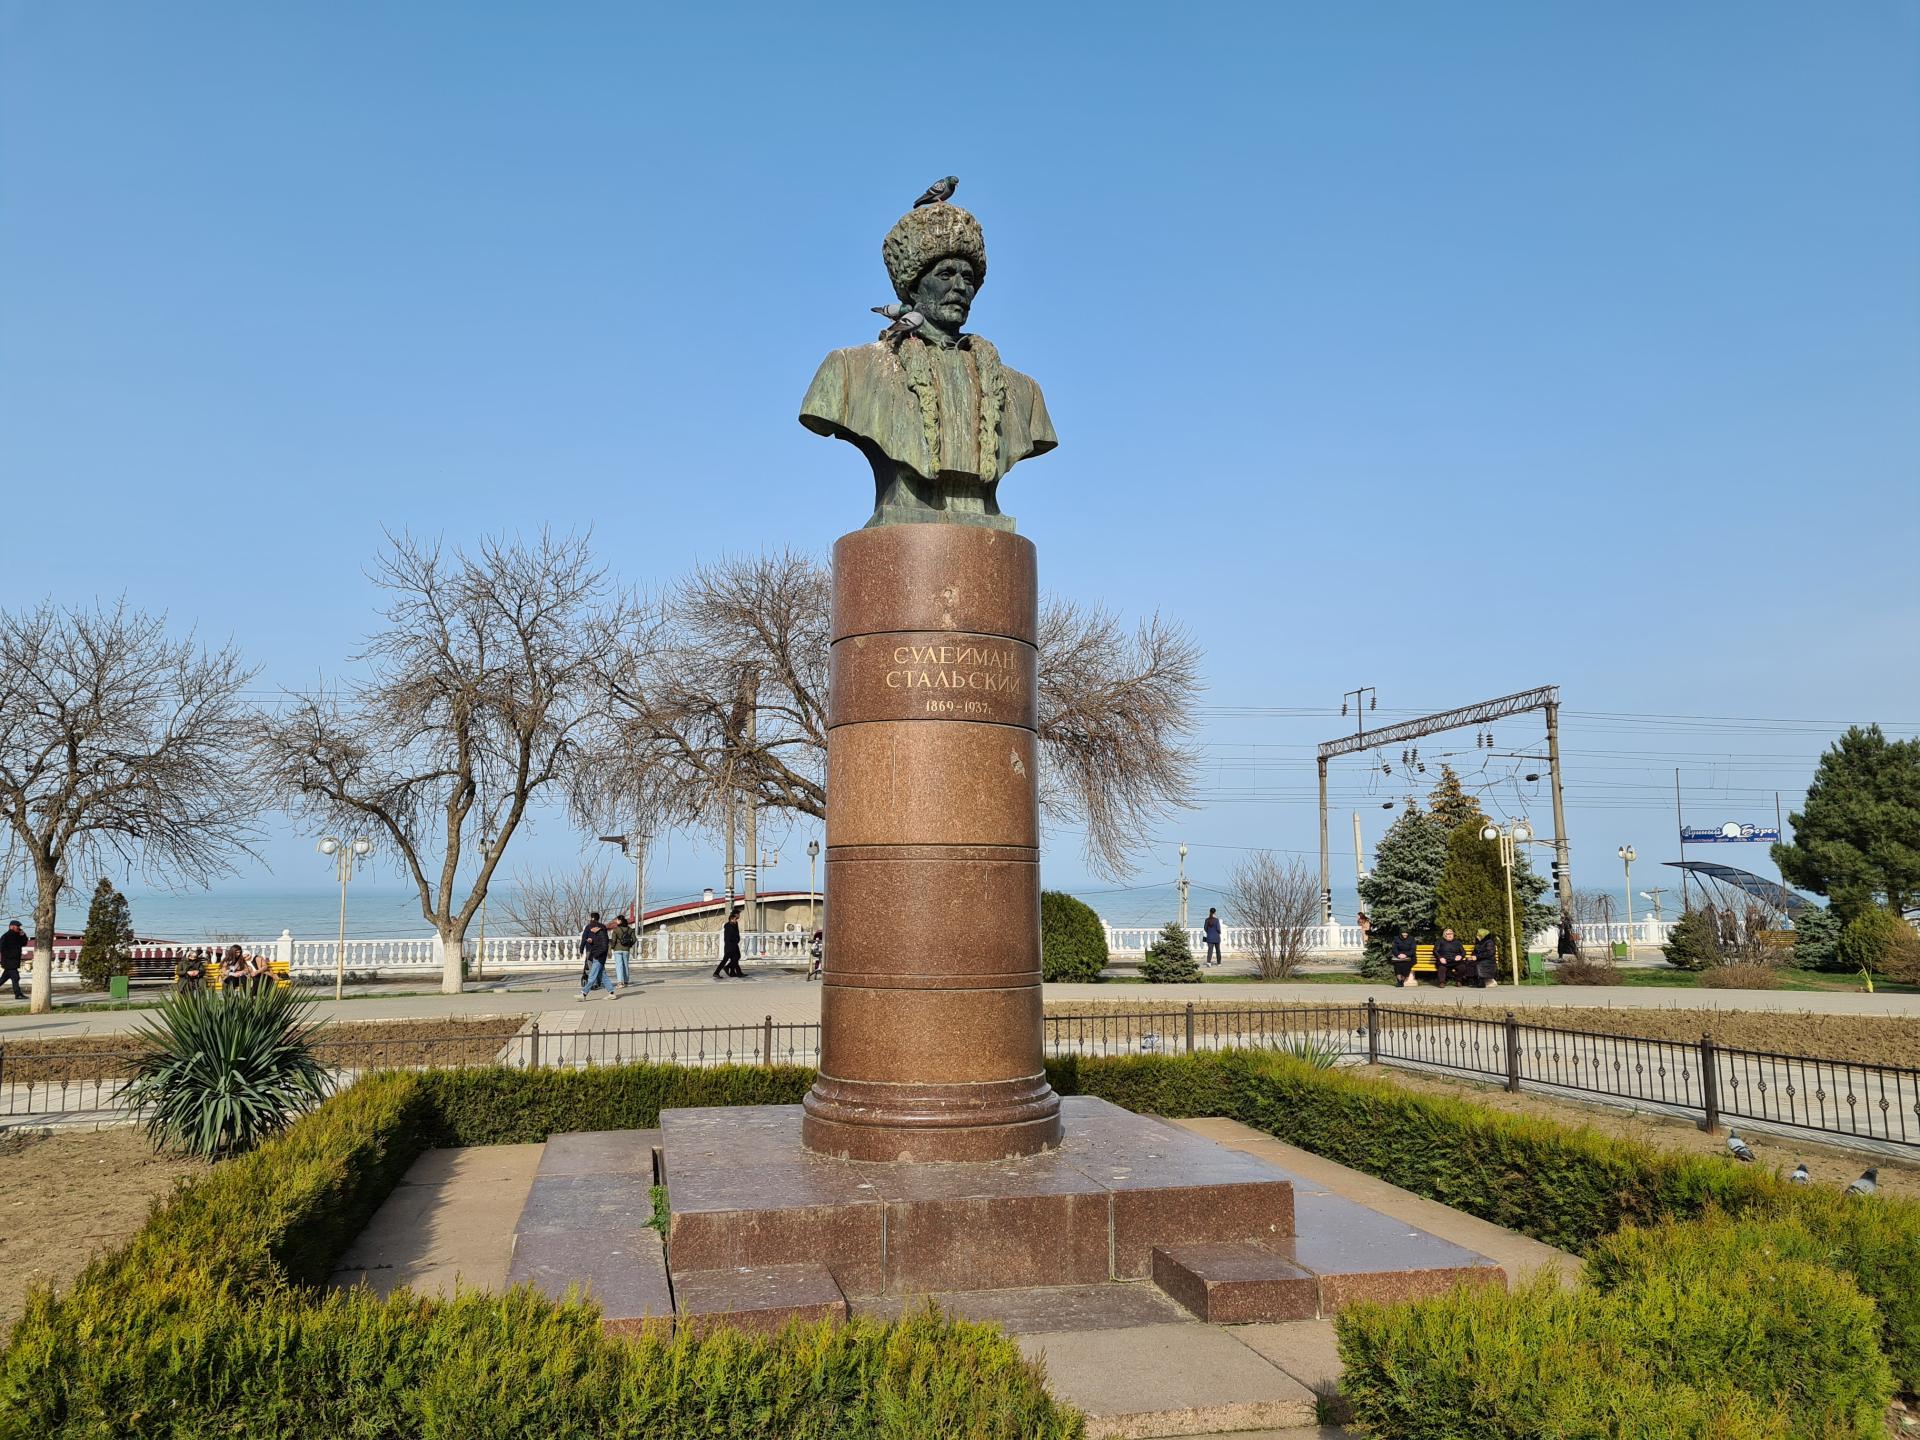 памятник Сулейману Стальскому